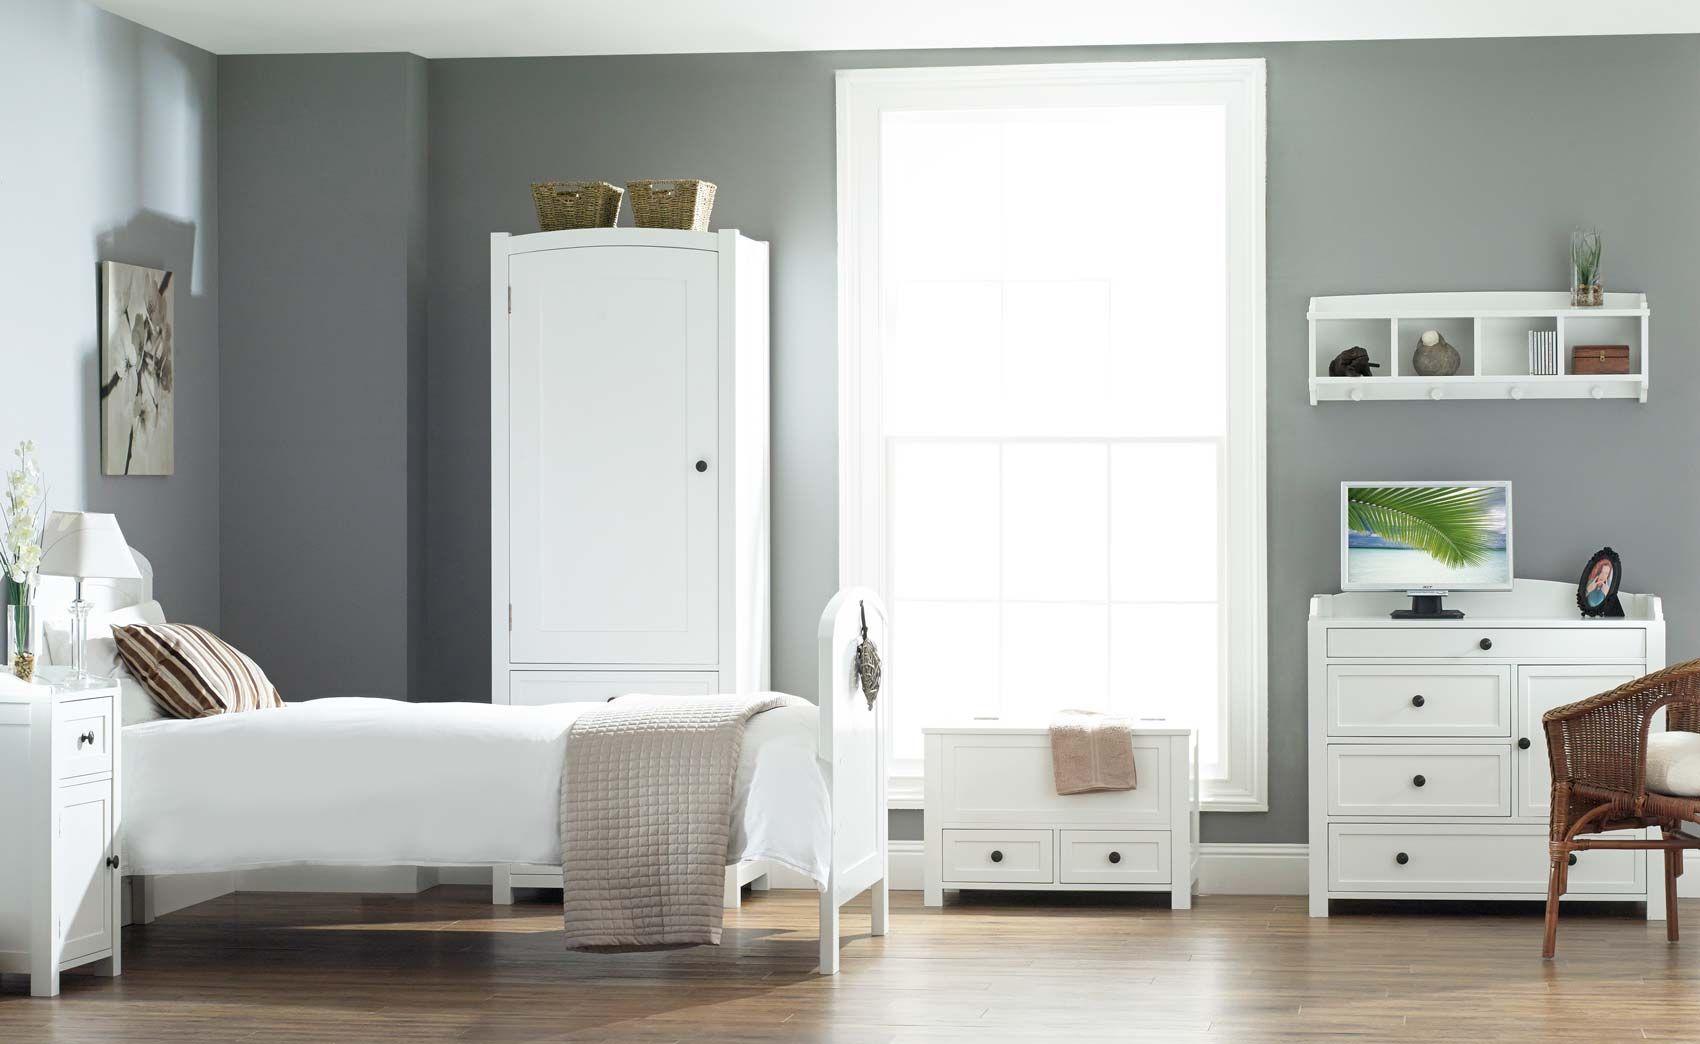 Pin von Sandeep Veer auf Decor Shelfs | Solid wood bedroom furniture ...